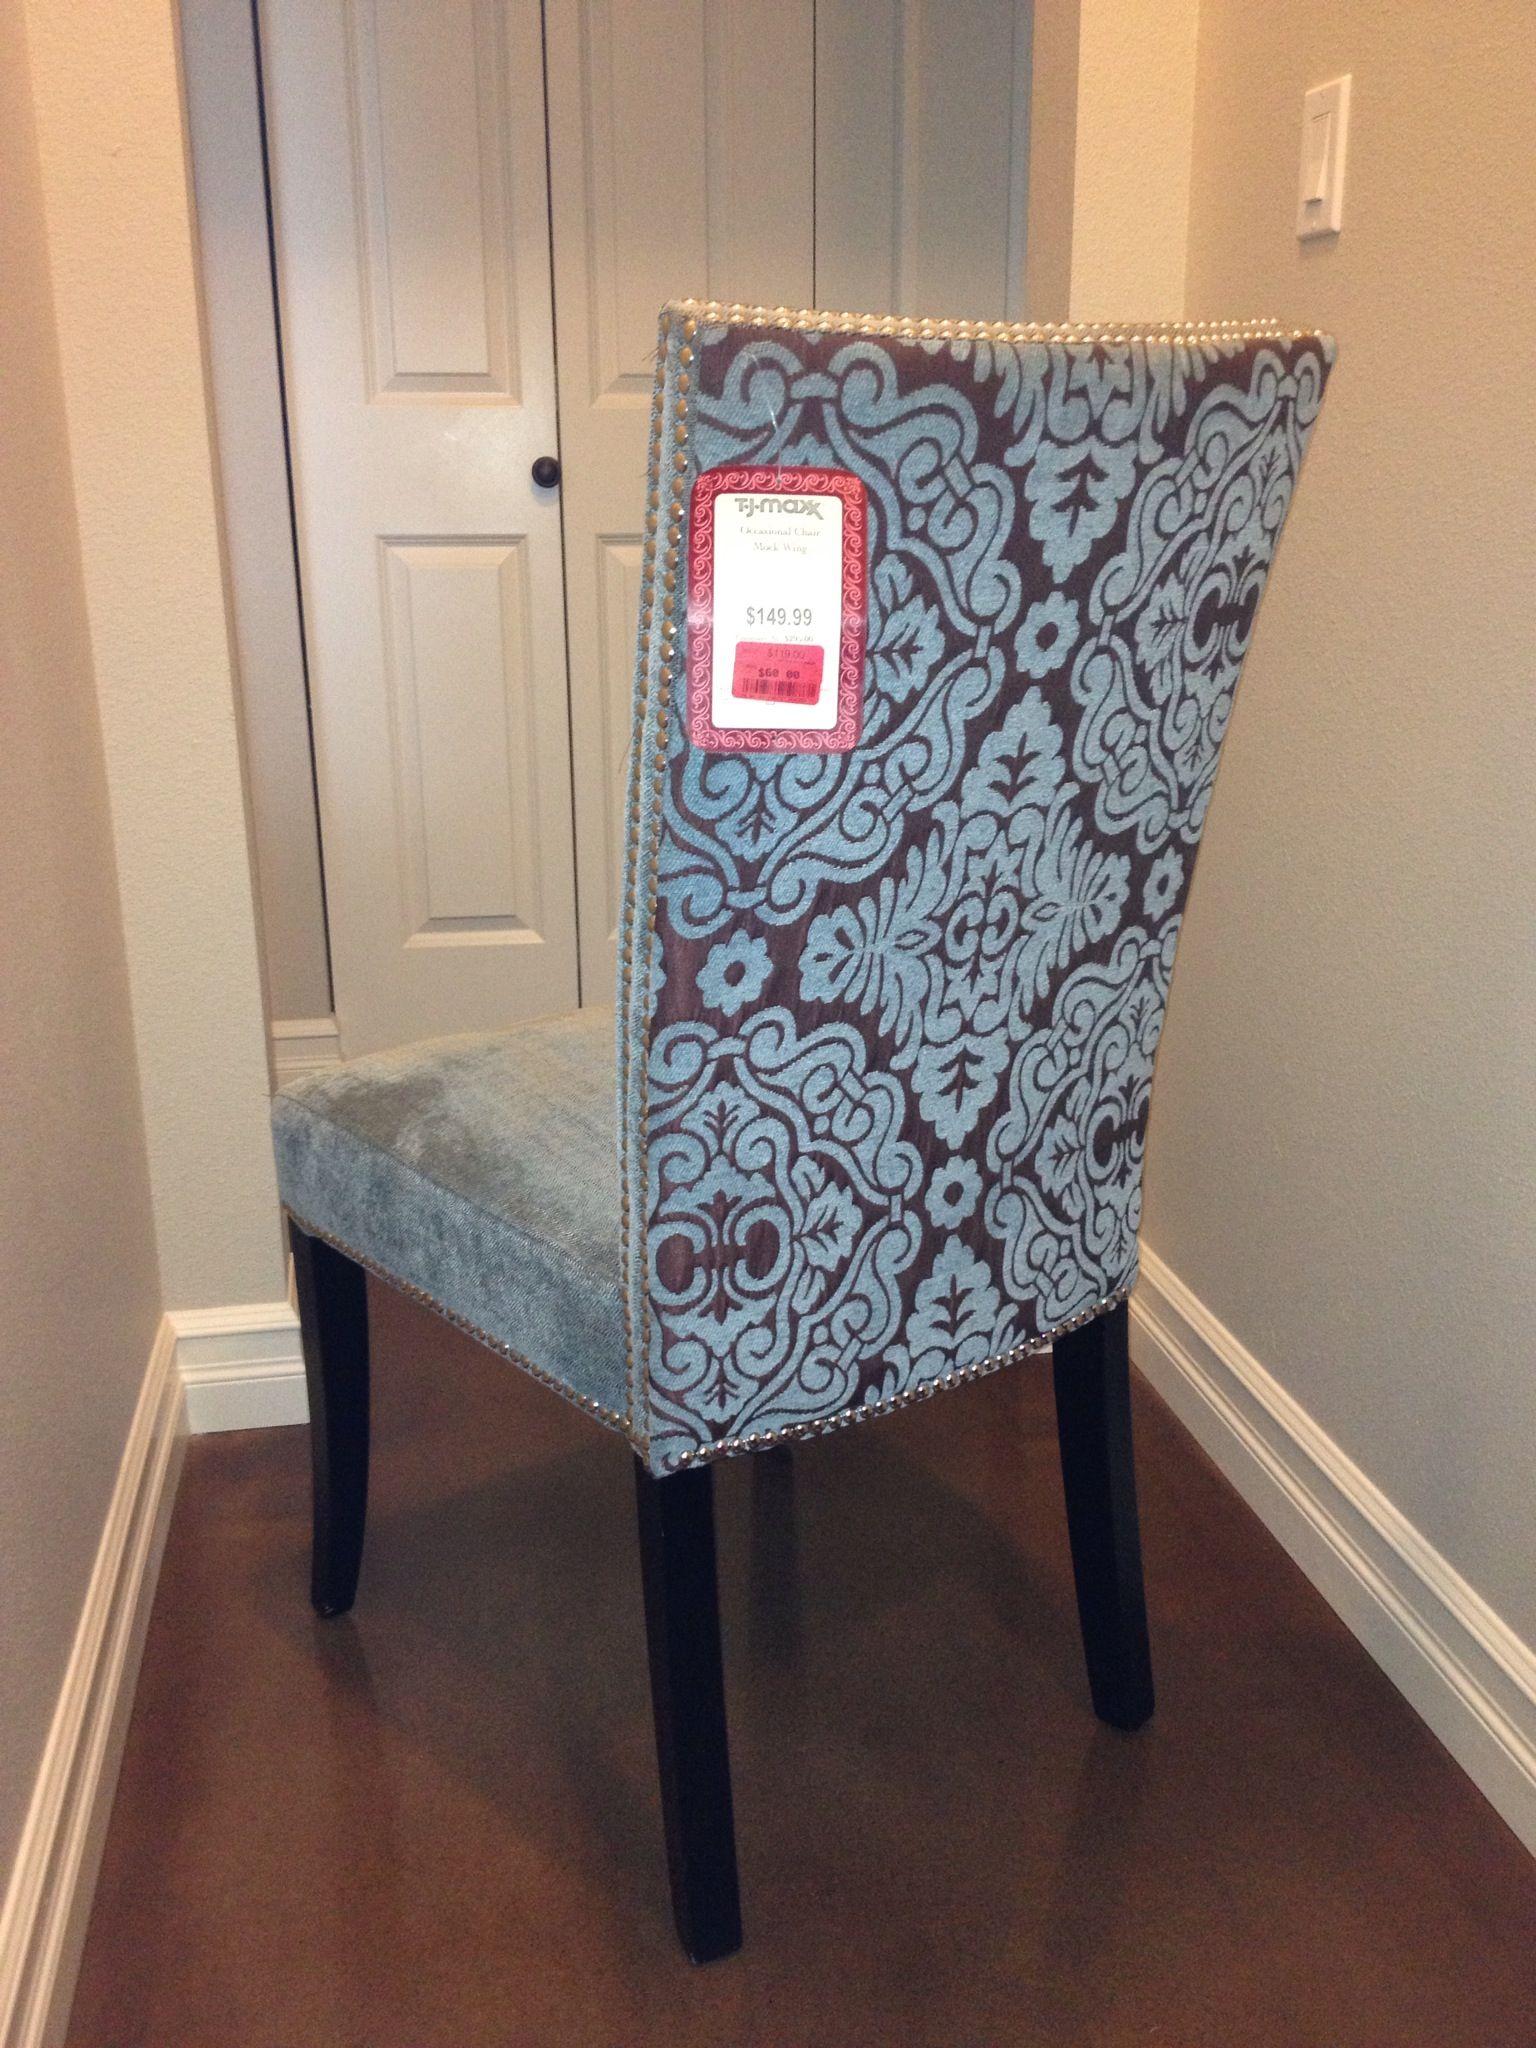 Charmant Tj Maxx.. SCORE!!! Cynthia Rowley Chair! (60.00!!!)